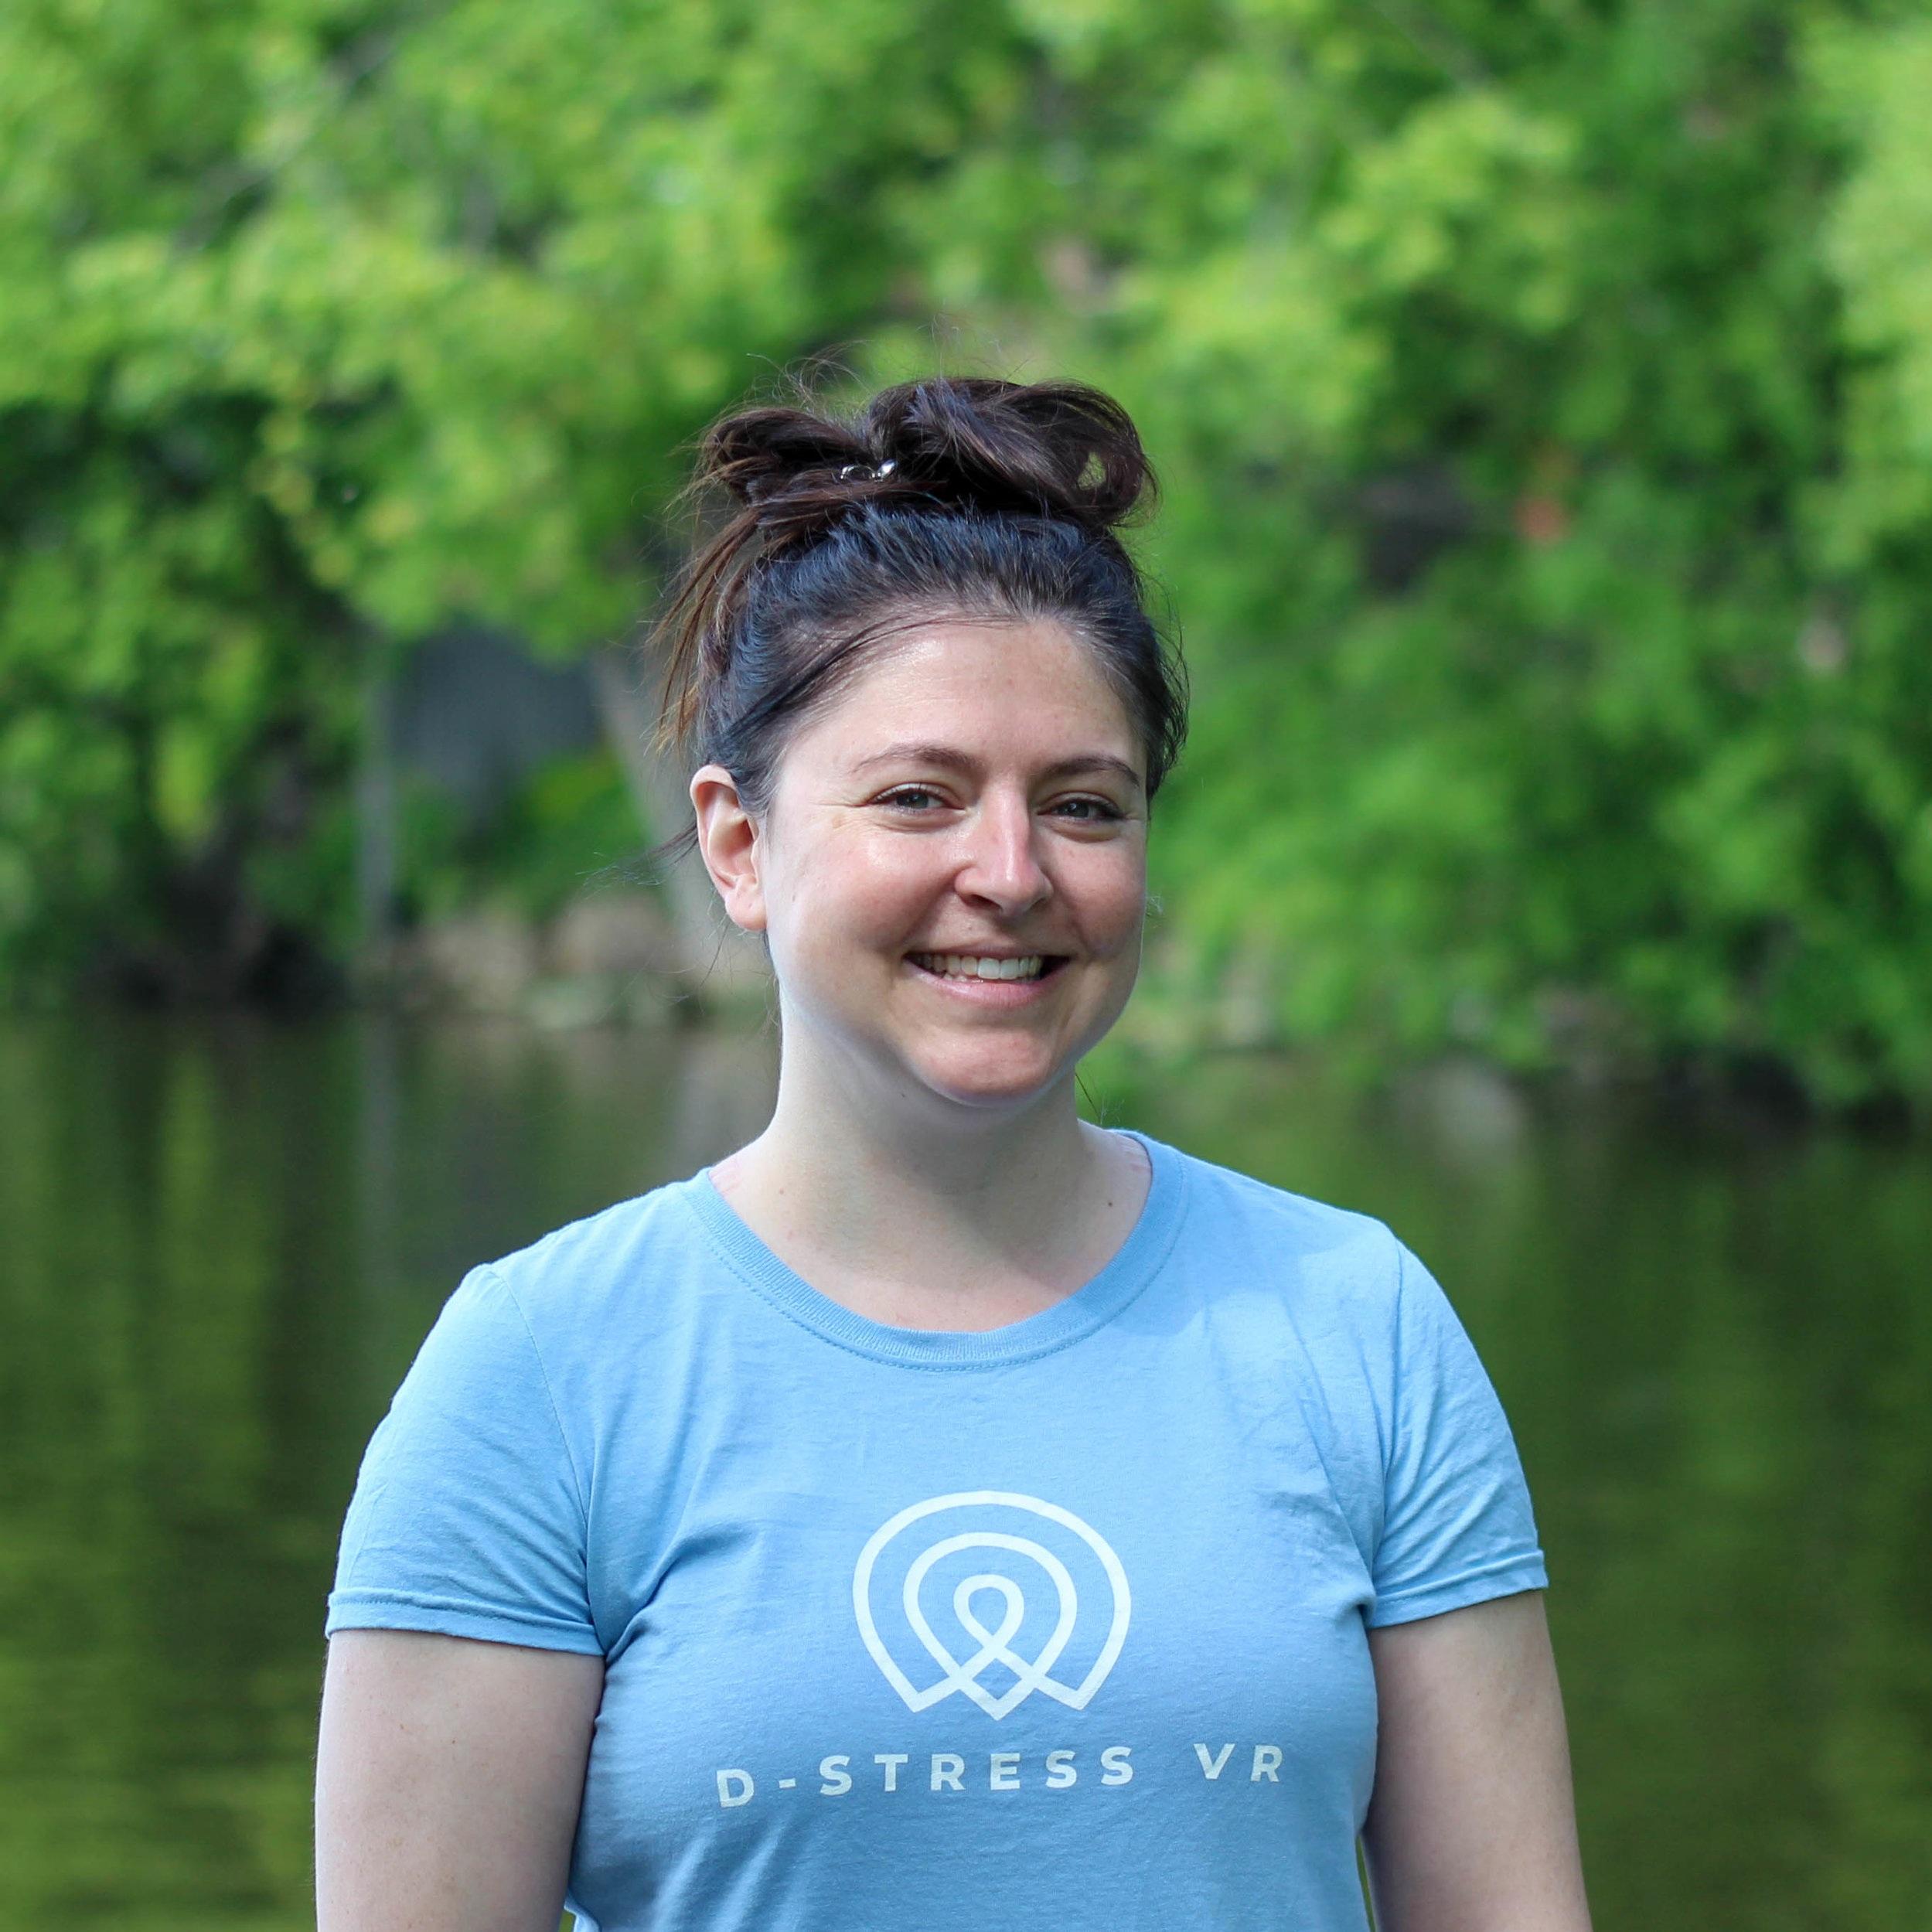 Tracey Aitken - D-STRESS VR COACHTracey est une professionnelle des sciences récréatifs et des loisirs. Son expérience est une valeur ajoutée pour l'équipe, Tracey contribue à l'élaboration et la planification logistique de notre programme D-Stress VR au travail. Tracey est passionnée par la santé et le bien-être. Elle pratique le yoga et la méditation. Elle est une adapte de la pleine conscience, du moment présent et de profiter des petites choses de la vie.